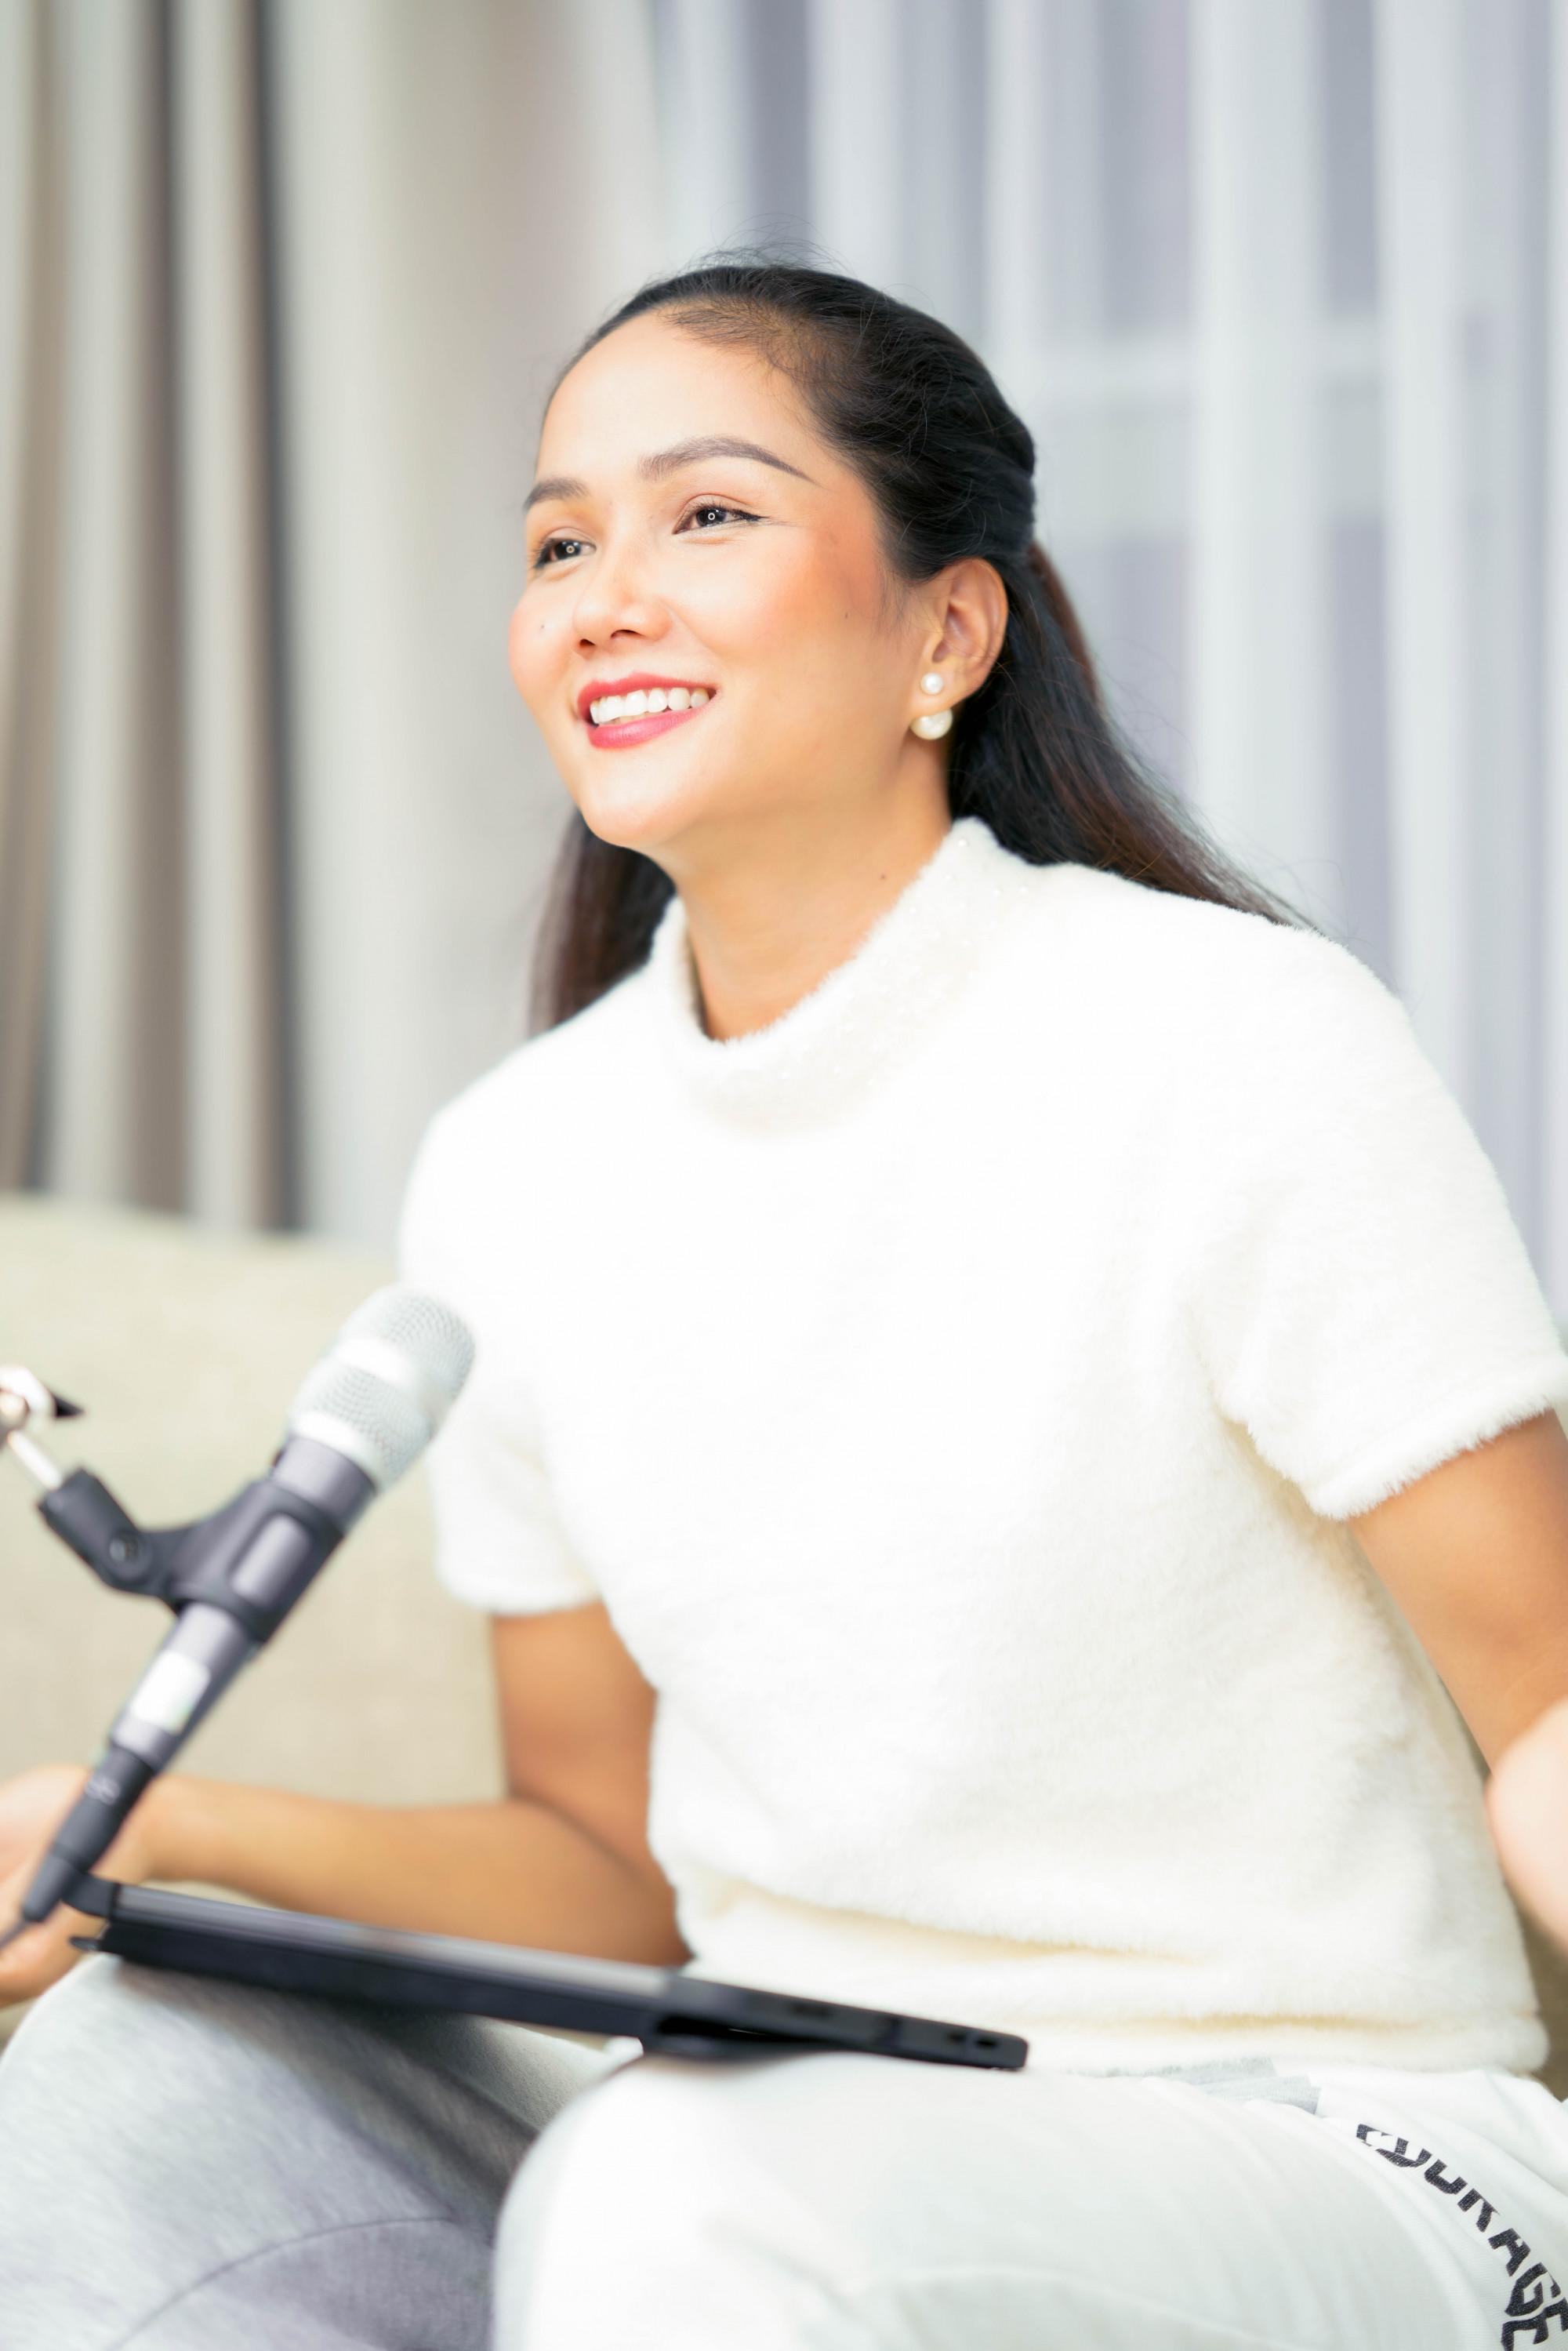 H'Hen Niê trong buổi livestream đấu giá trang sức tối 23/9